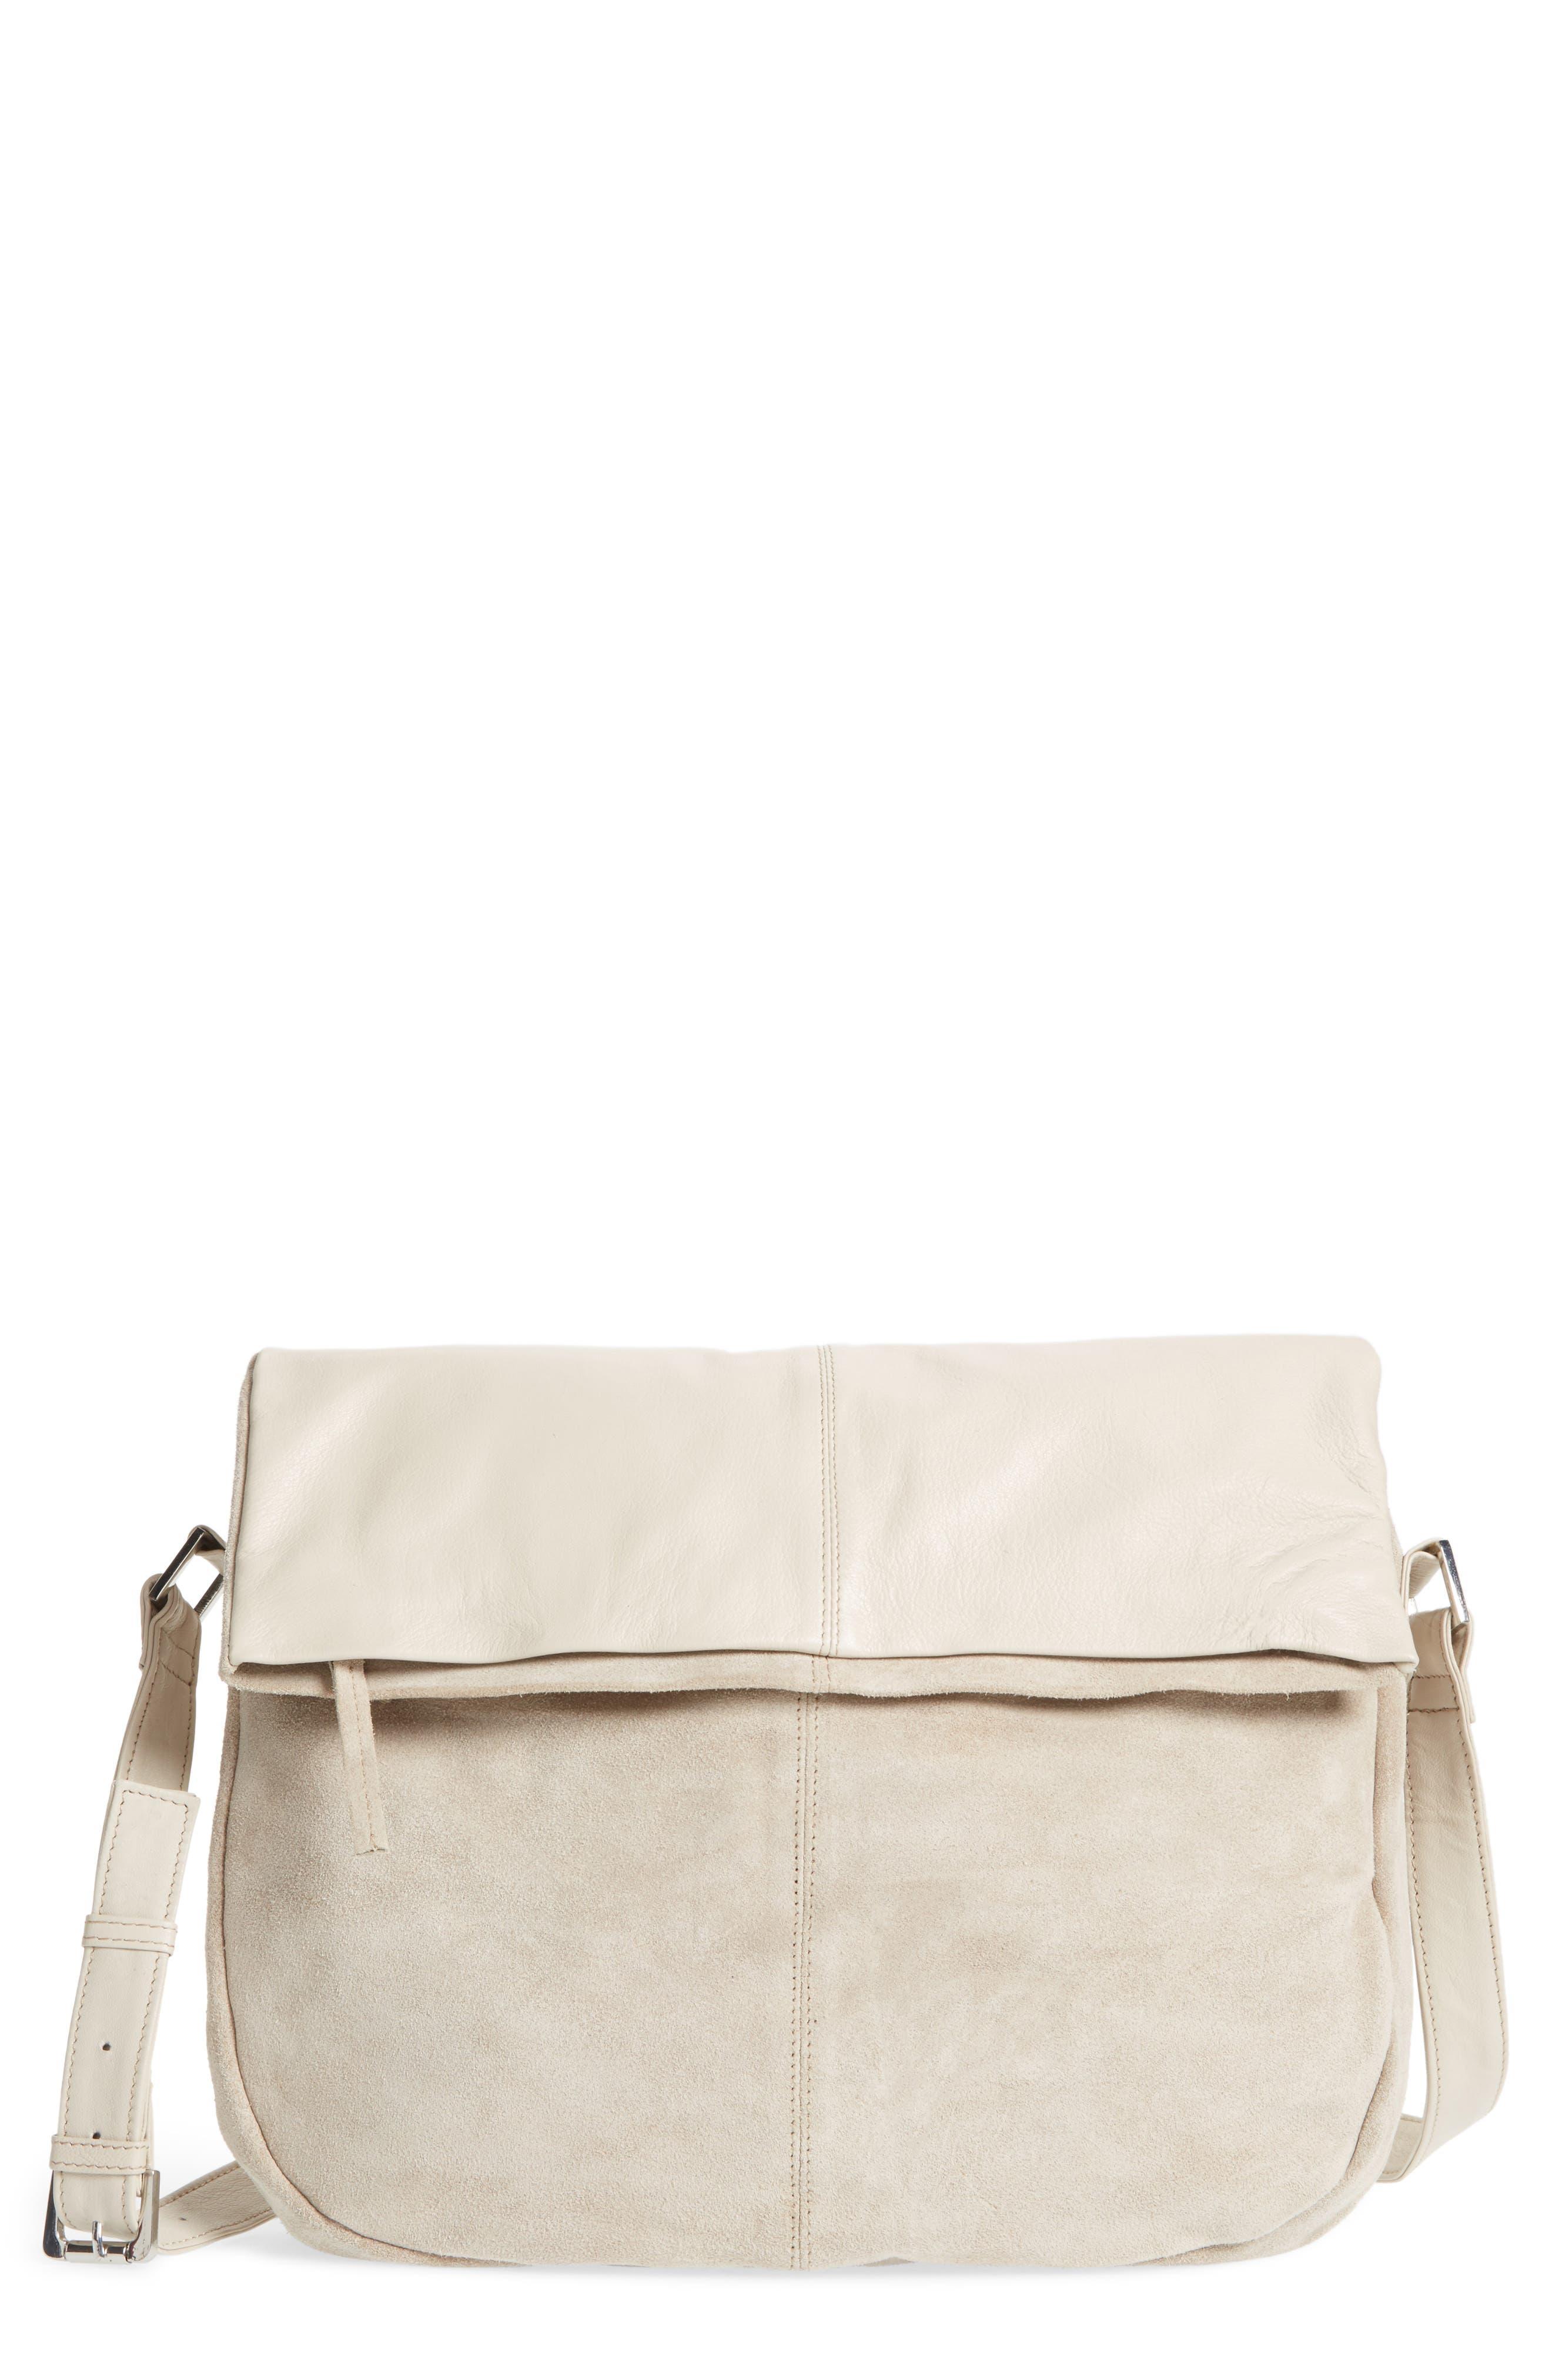 Topshop Sam Leather & Suede Shoulder Bag